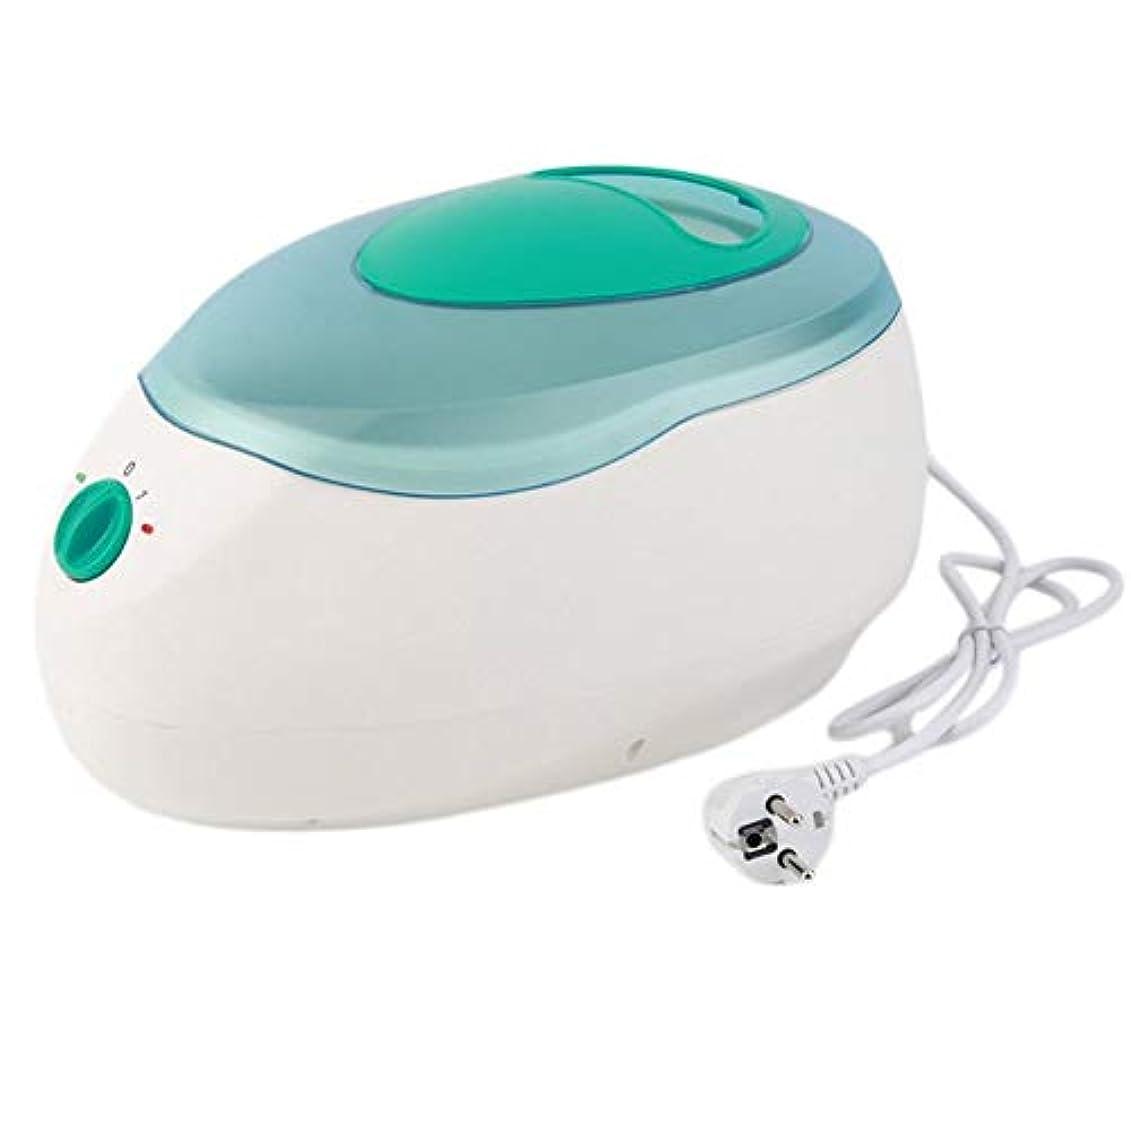 原子不確実ジャーナル手および足ボディワックスの毛の取り外しのためのワックス機械パラフィン療法の浴のワックスの鍋のウォーマーの美容院装置の鉱泉150W,グリーン